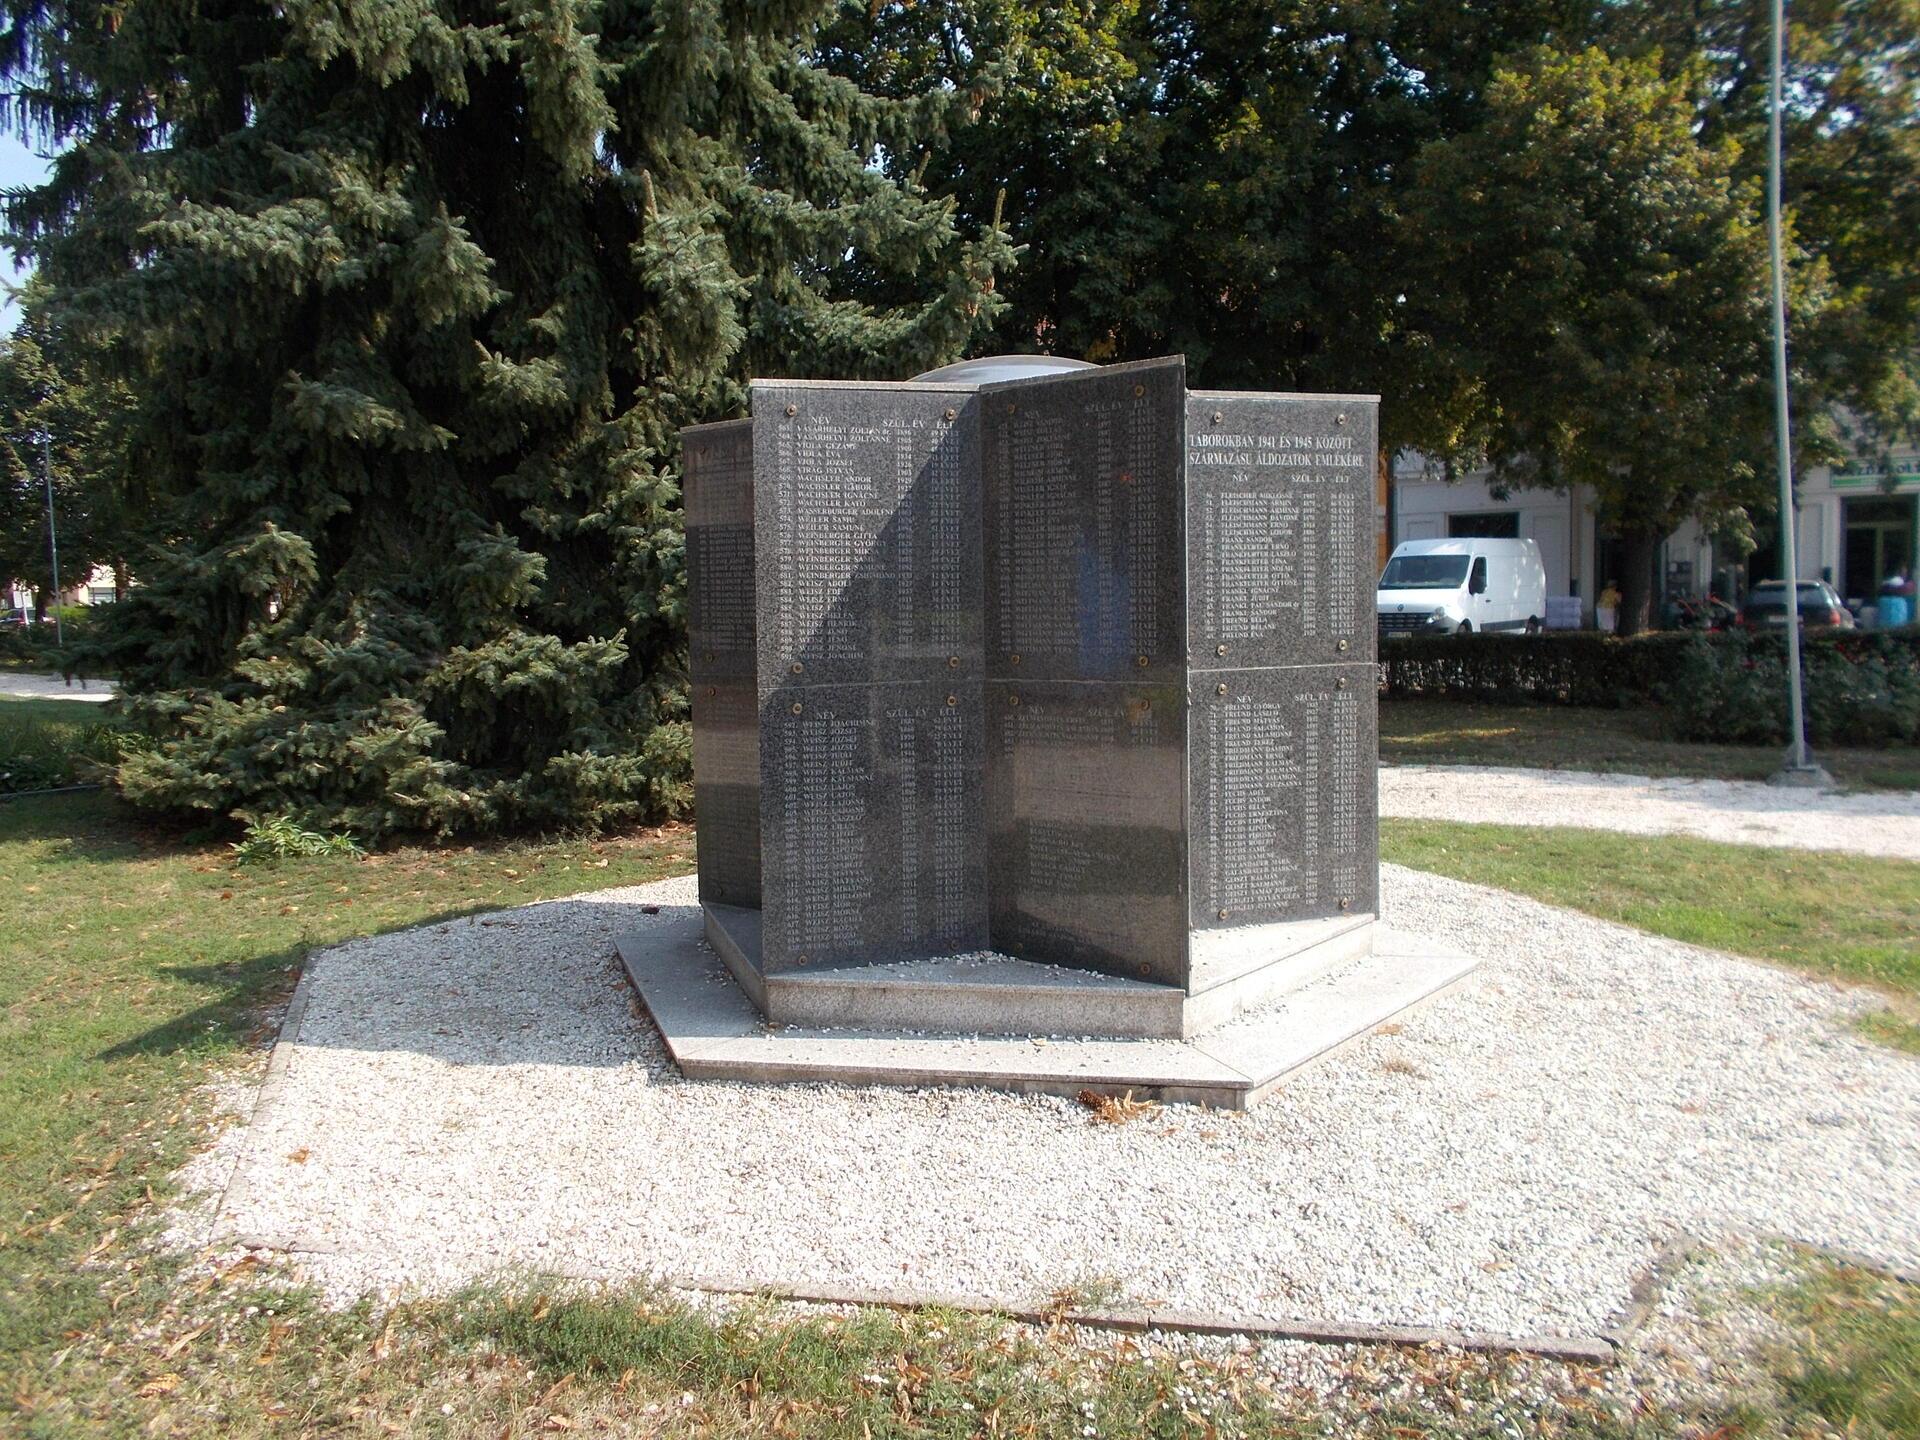 K2.2.1/210 Csorna, Holokauszt emlékmű 2 db